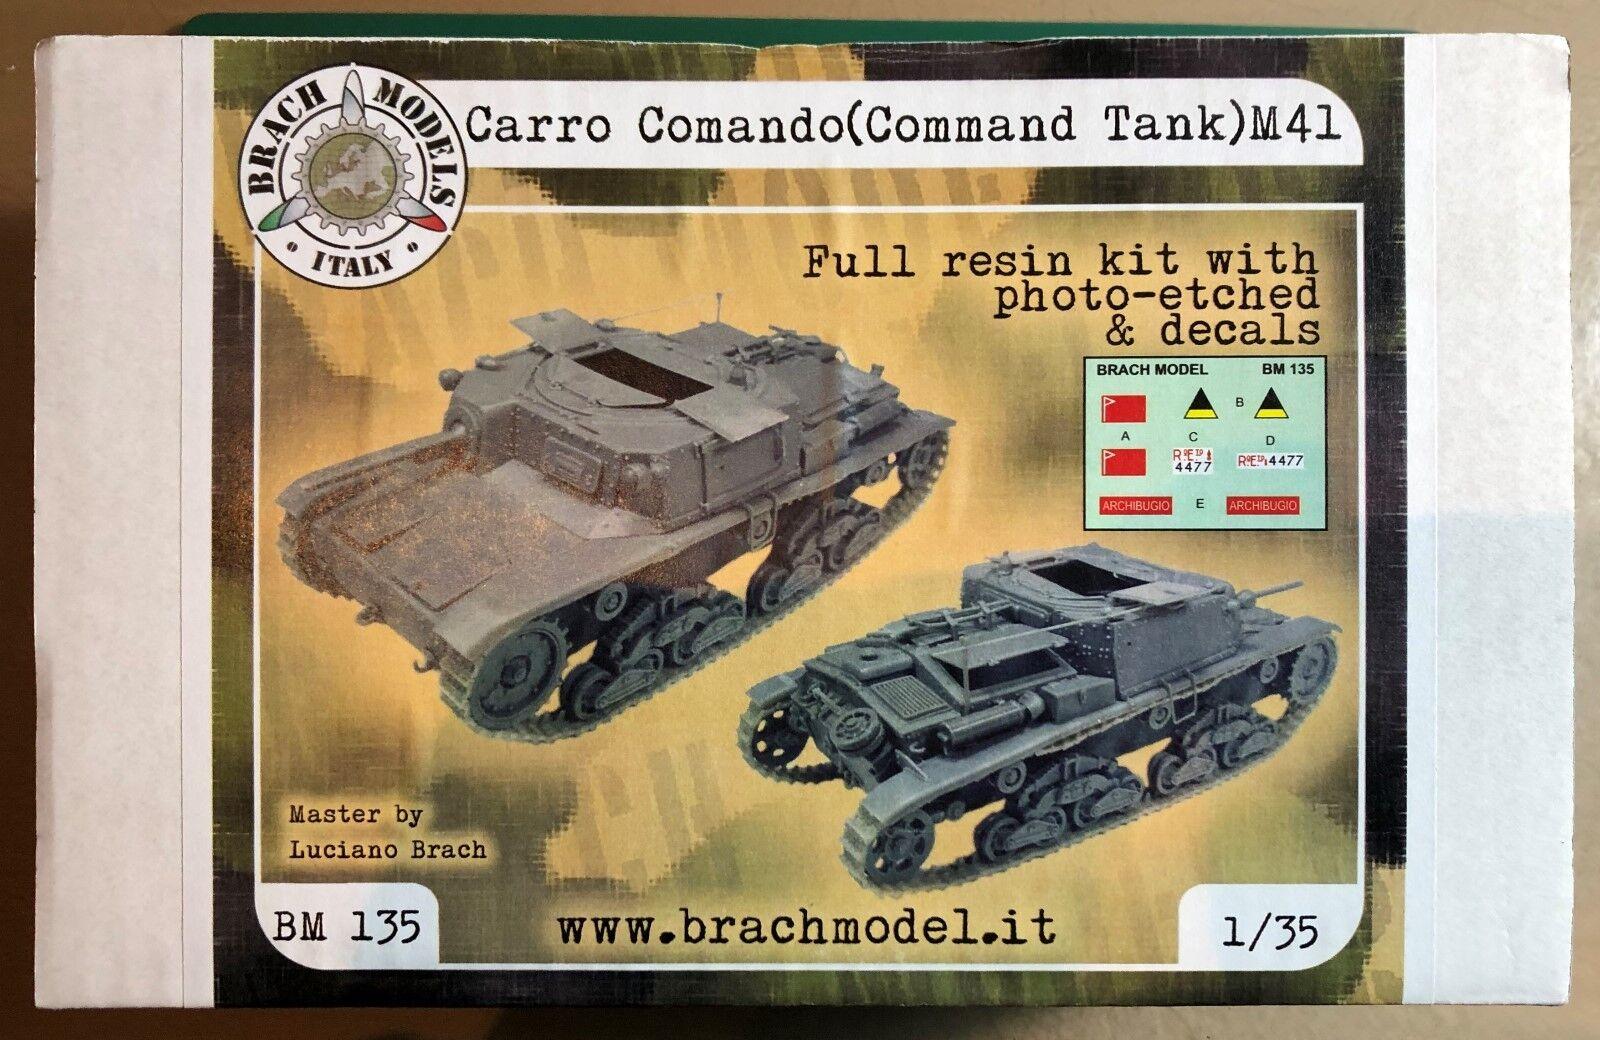 BRACH  MODEL BM-135 - COMhommeD TANK M41 - 1 35 RESIN KIT  qualité authentique